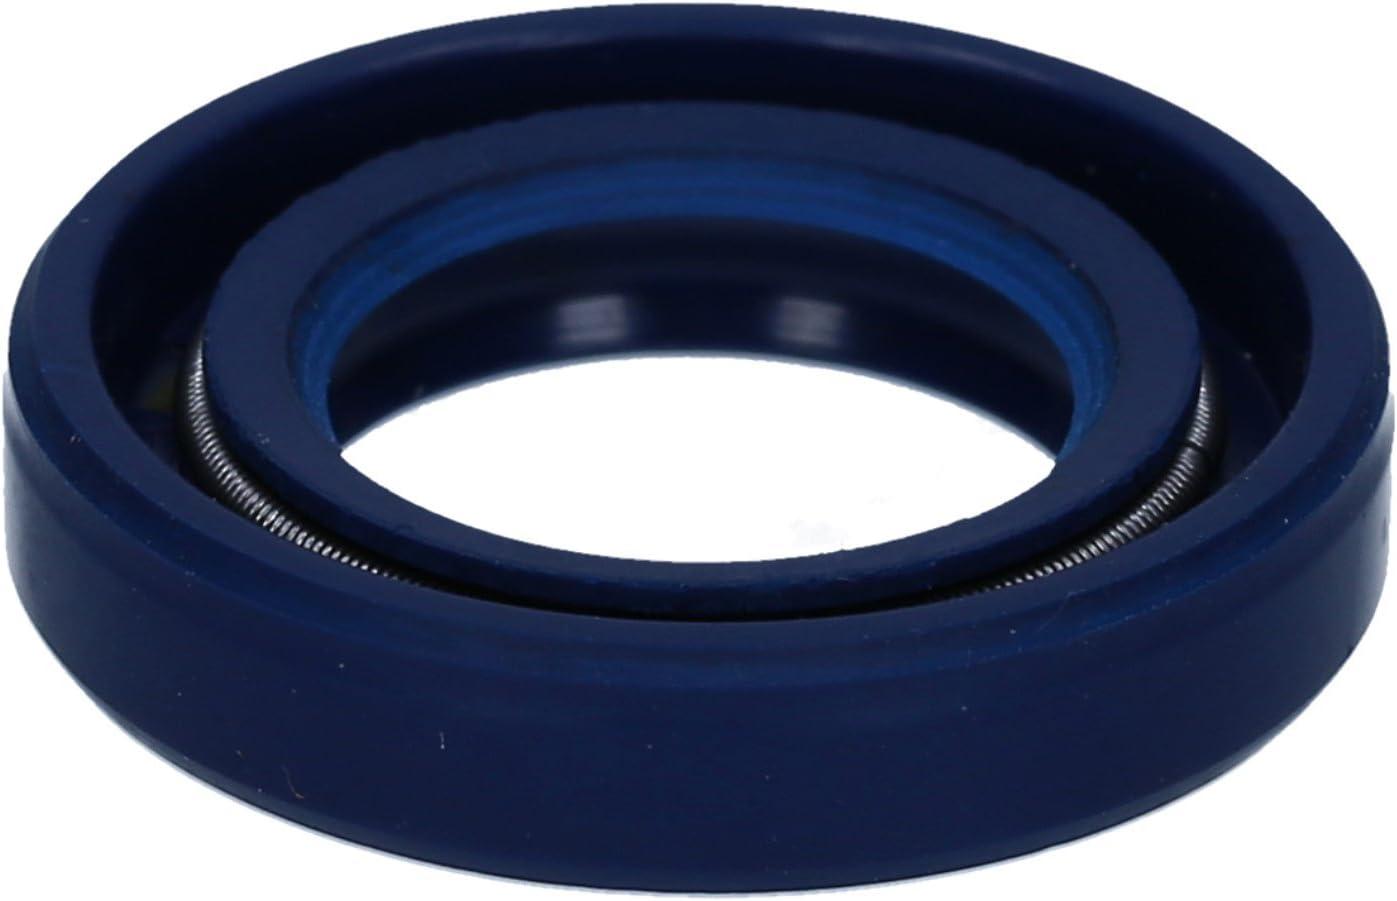 MS180 Kupplungsfedern für Stihl MS170